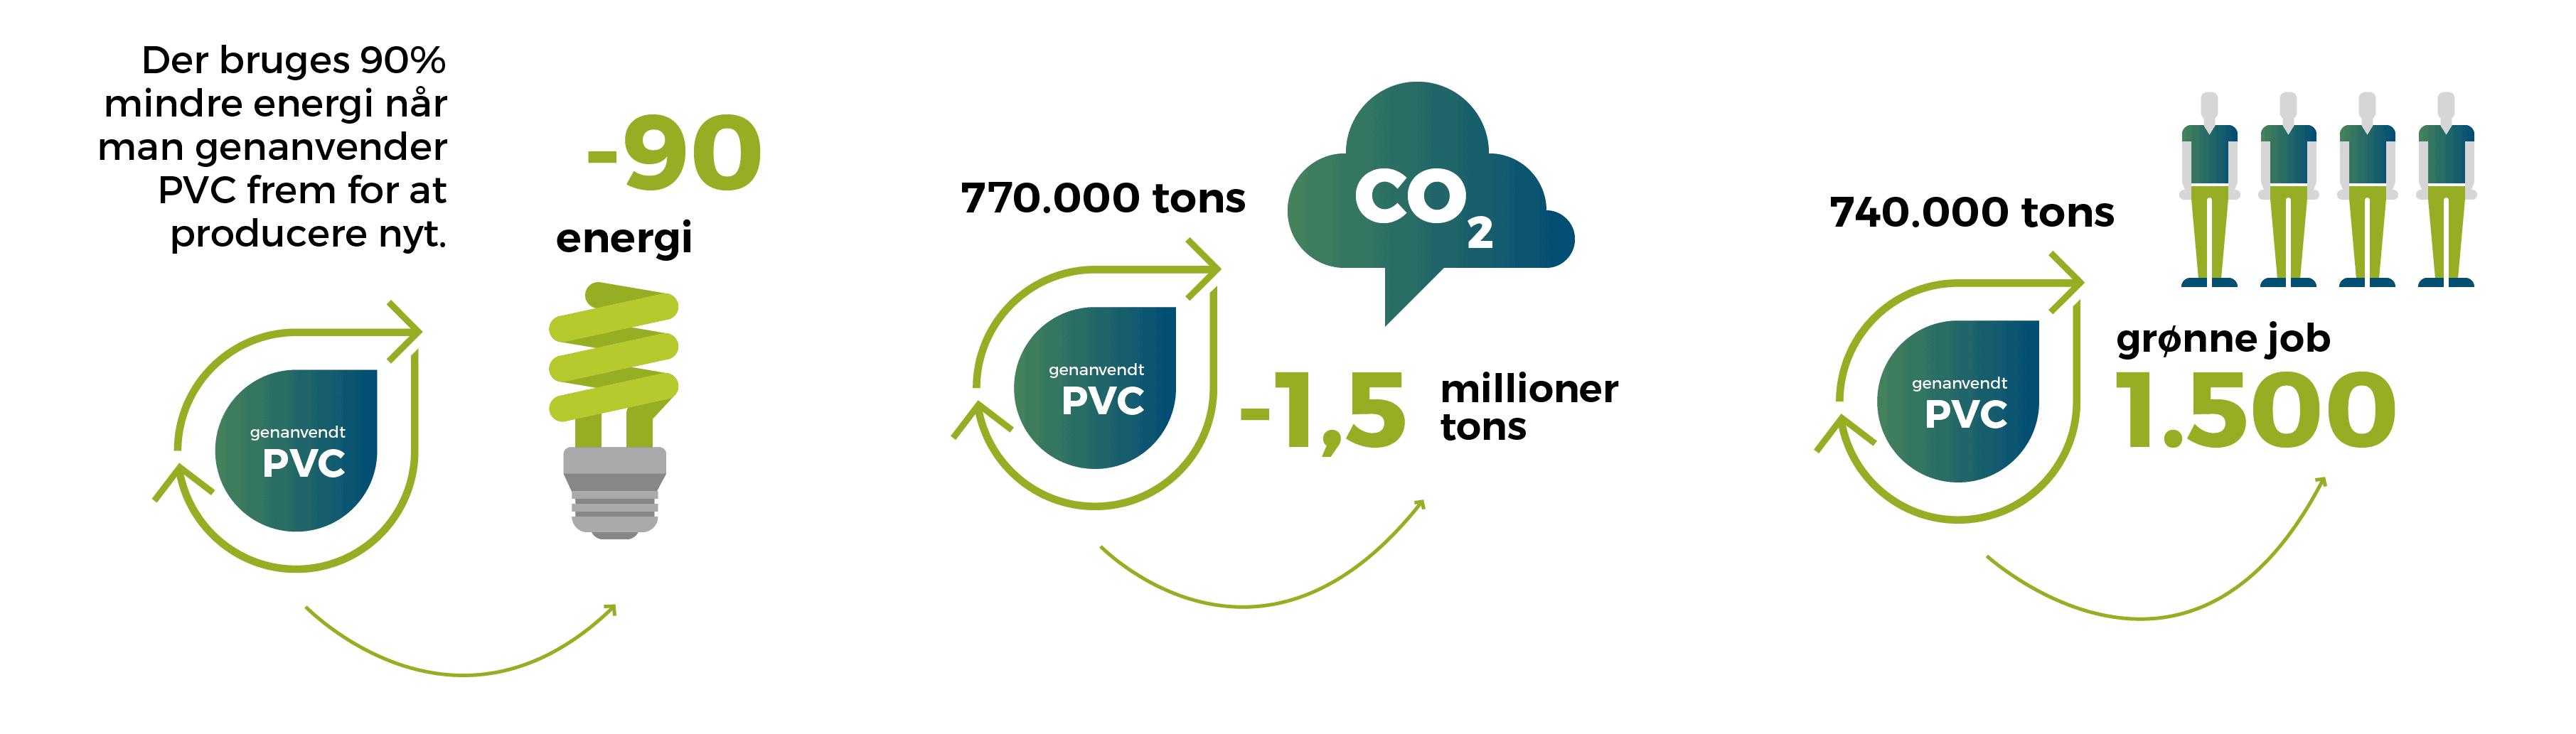 genanvendelse fakta pvc